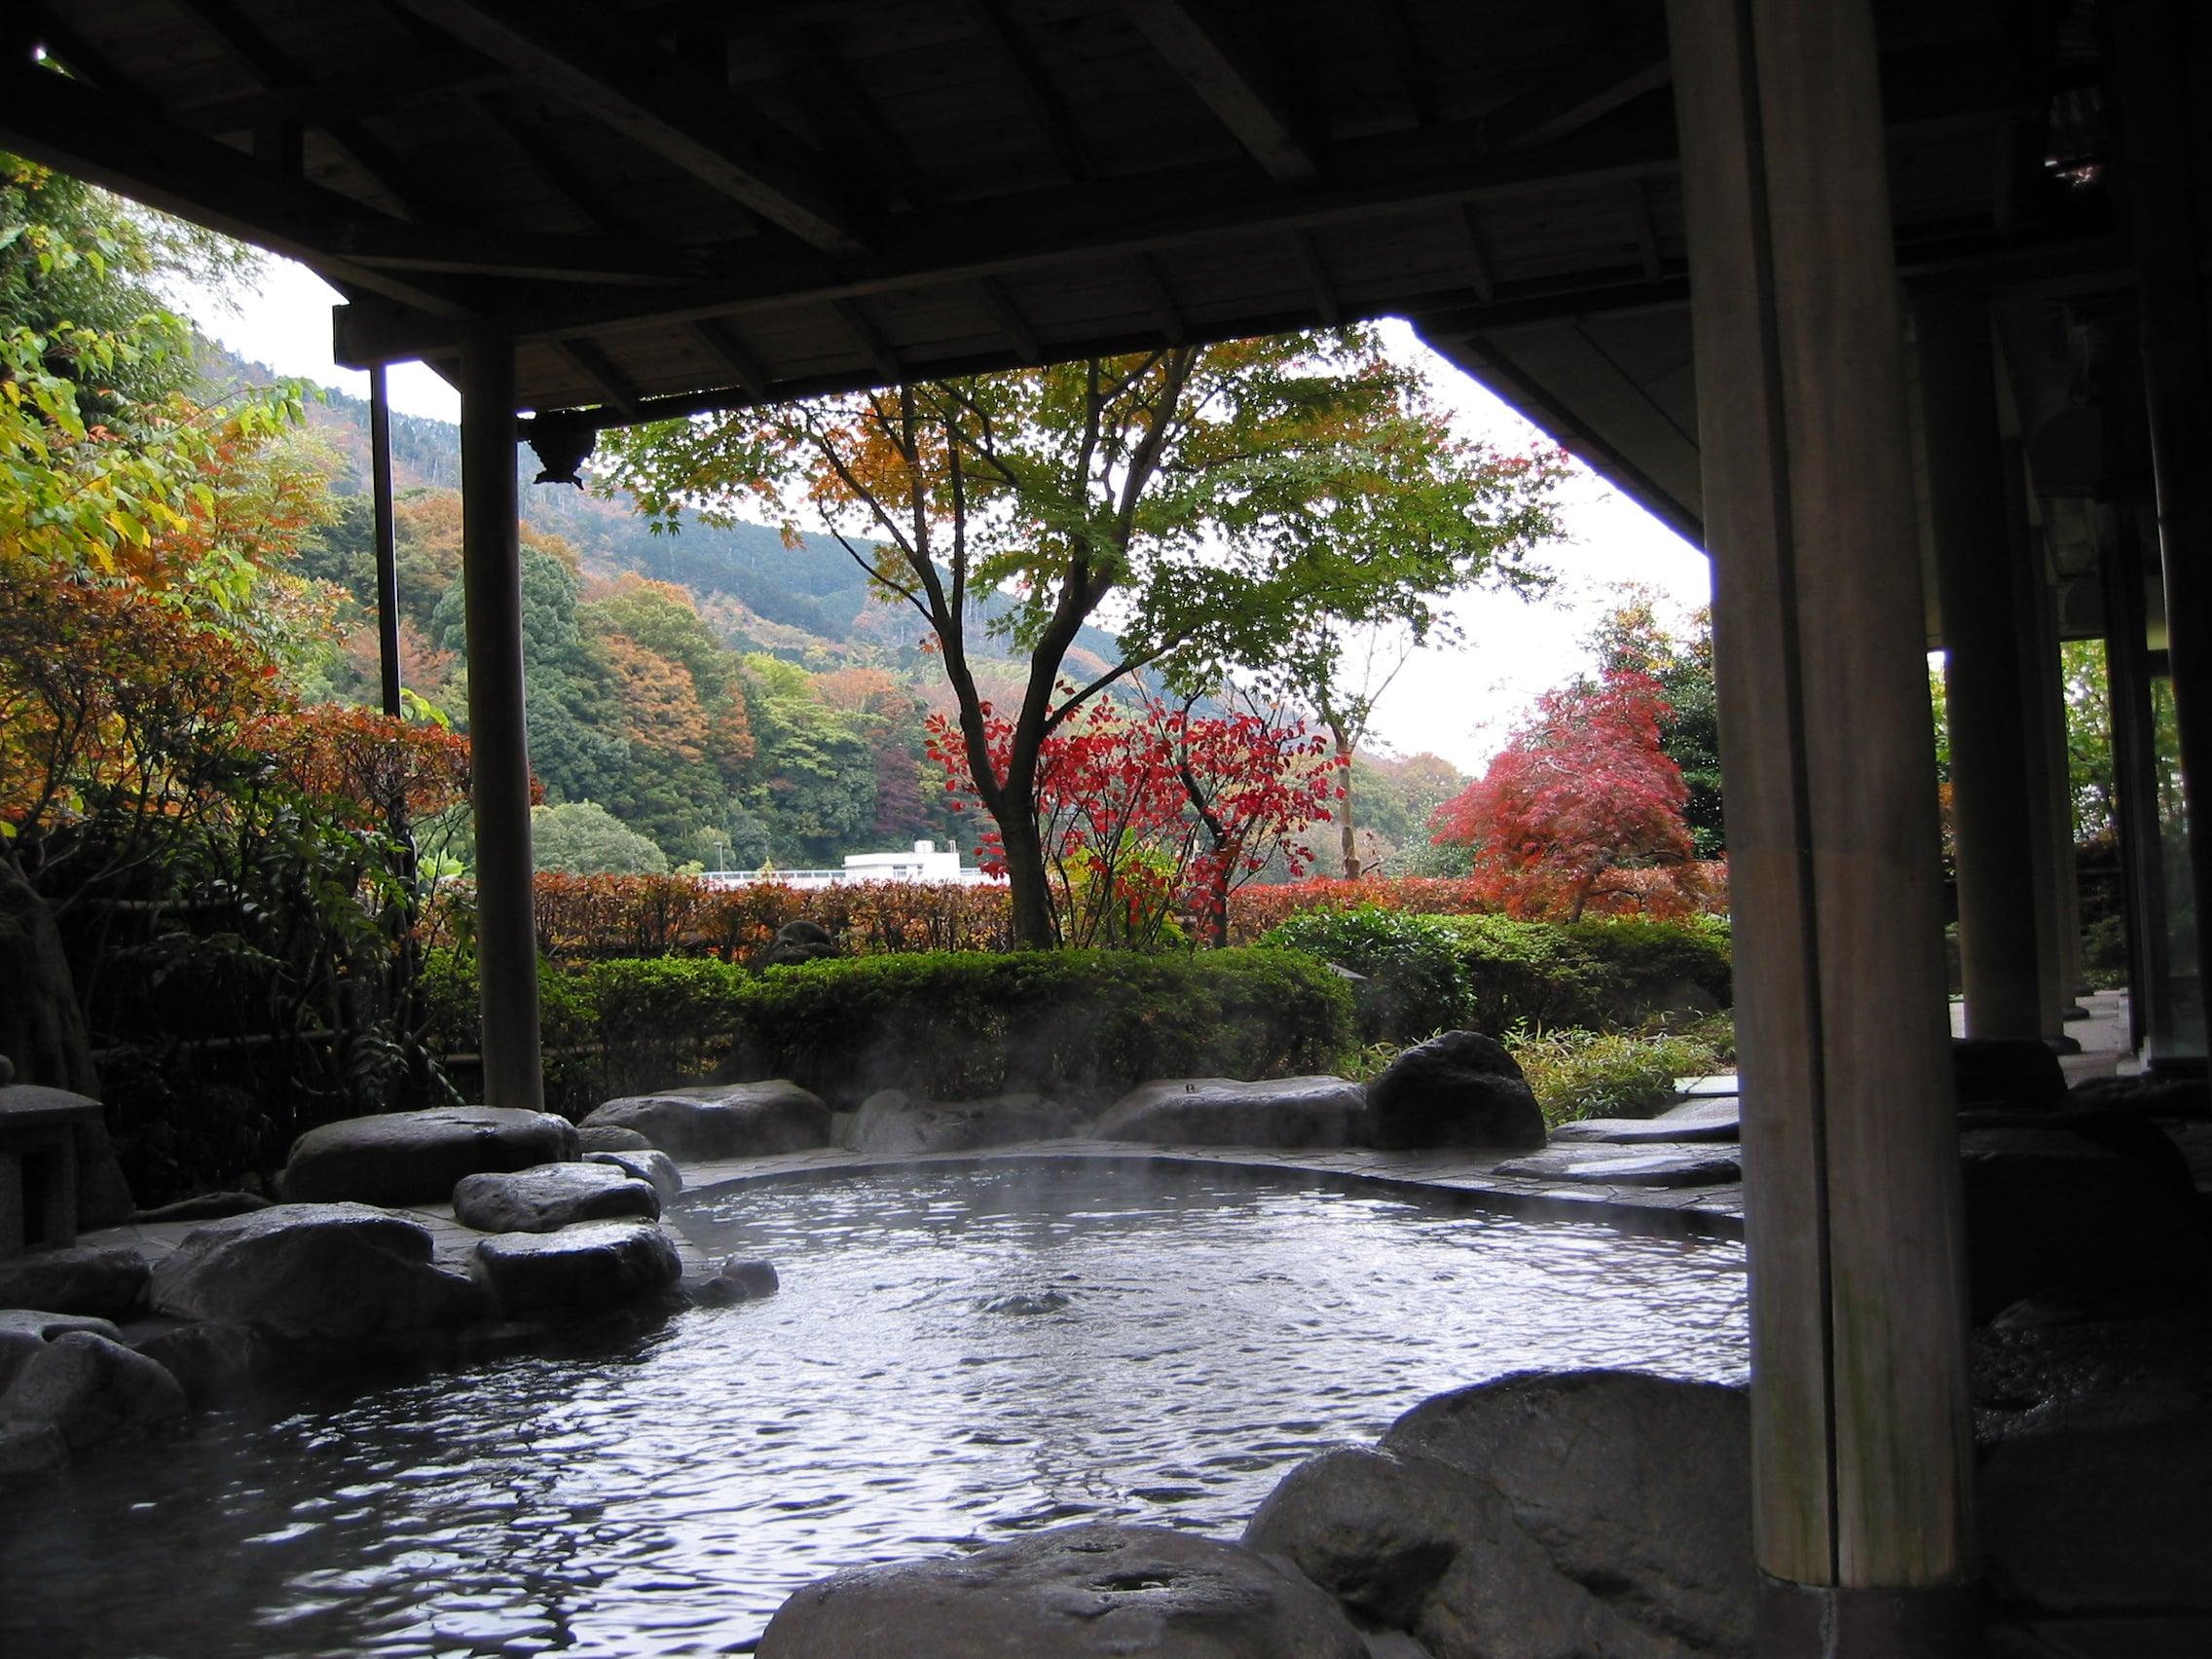 Kogome-no-yu hot spring, Yugawara